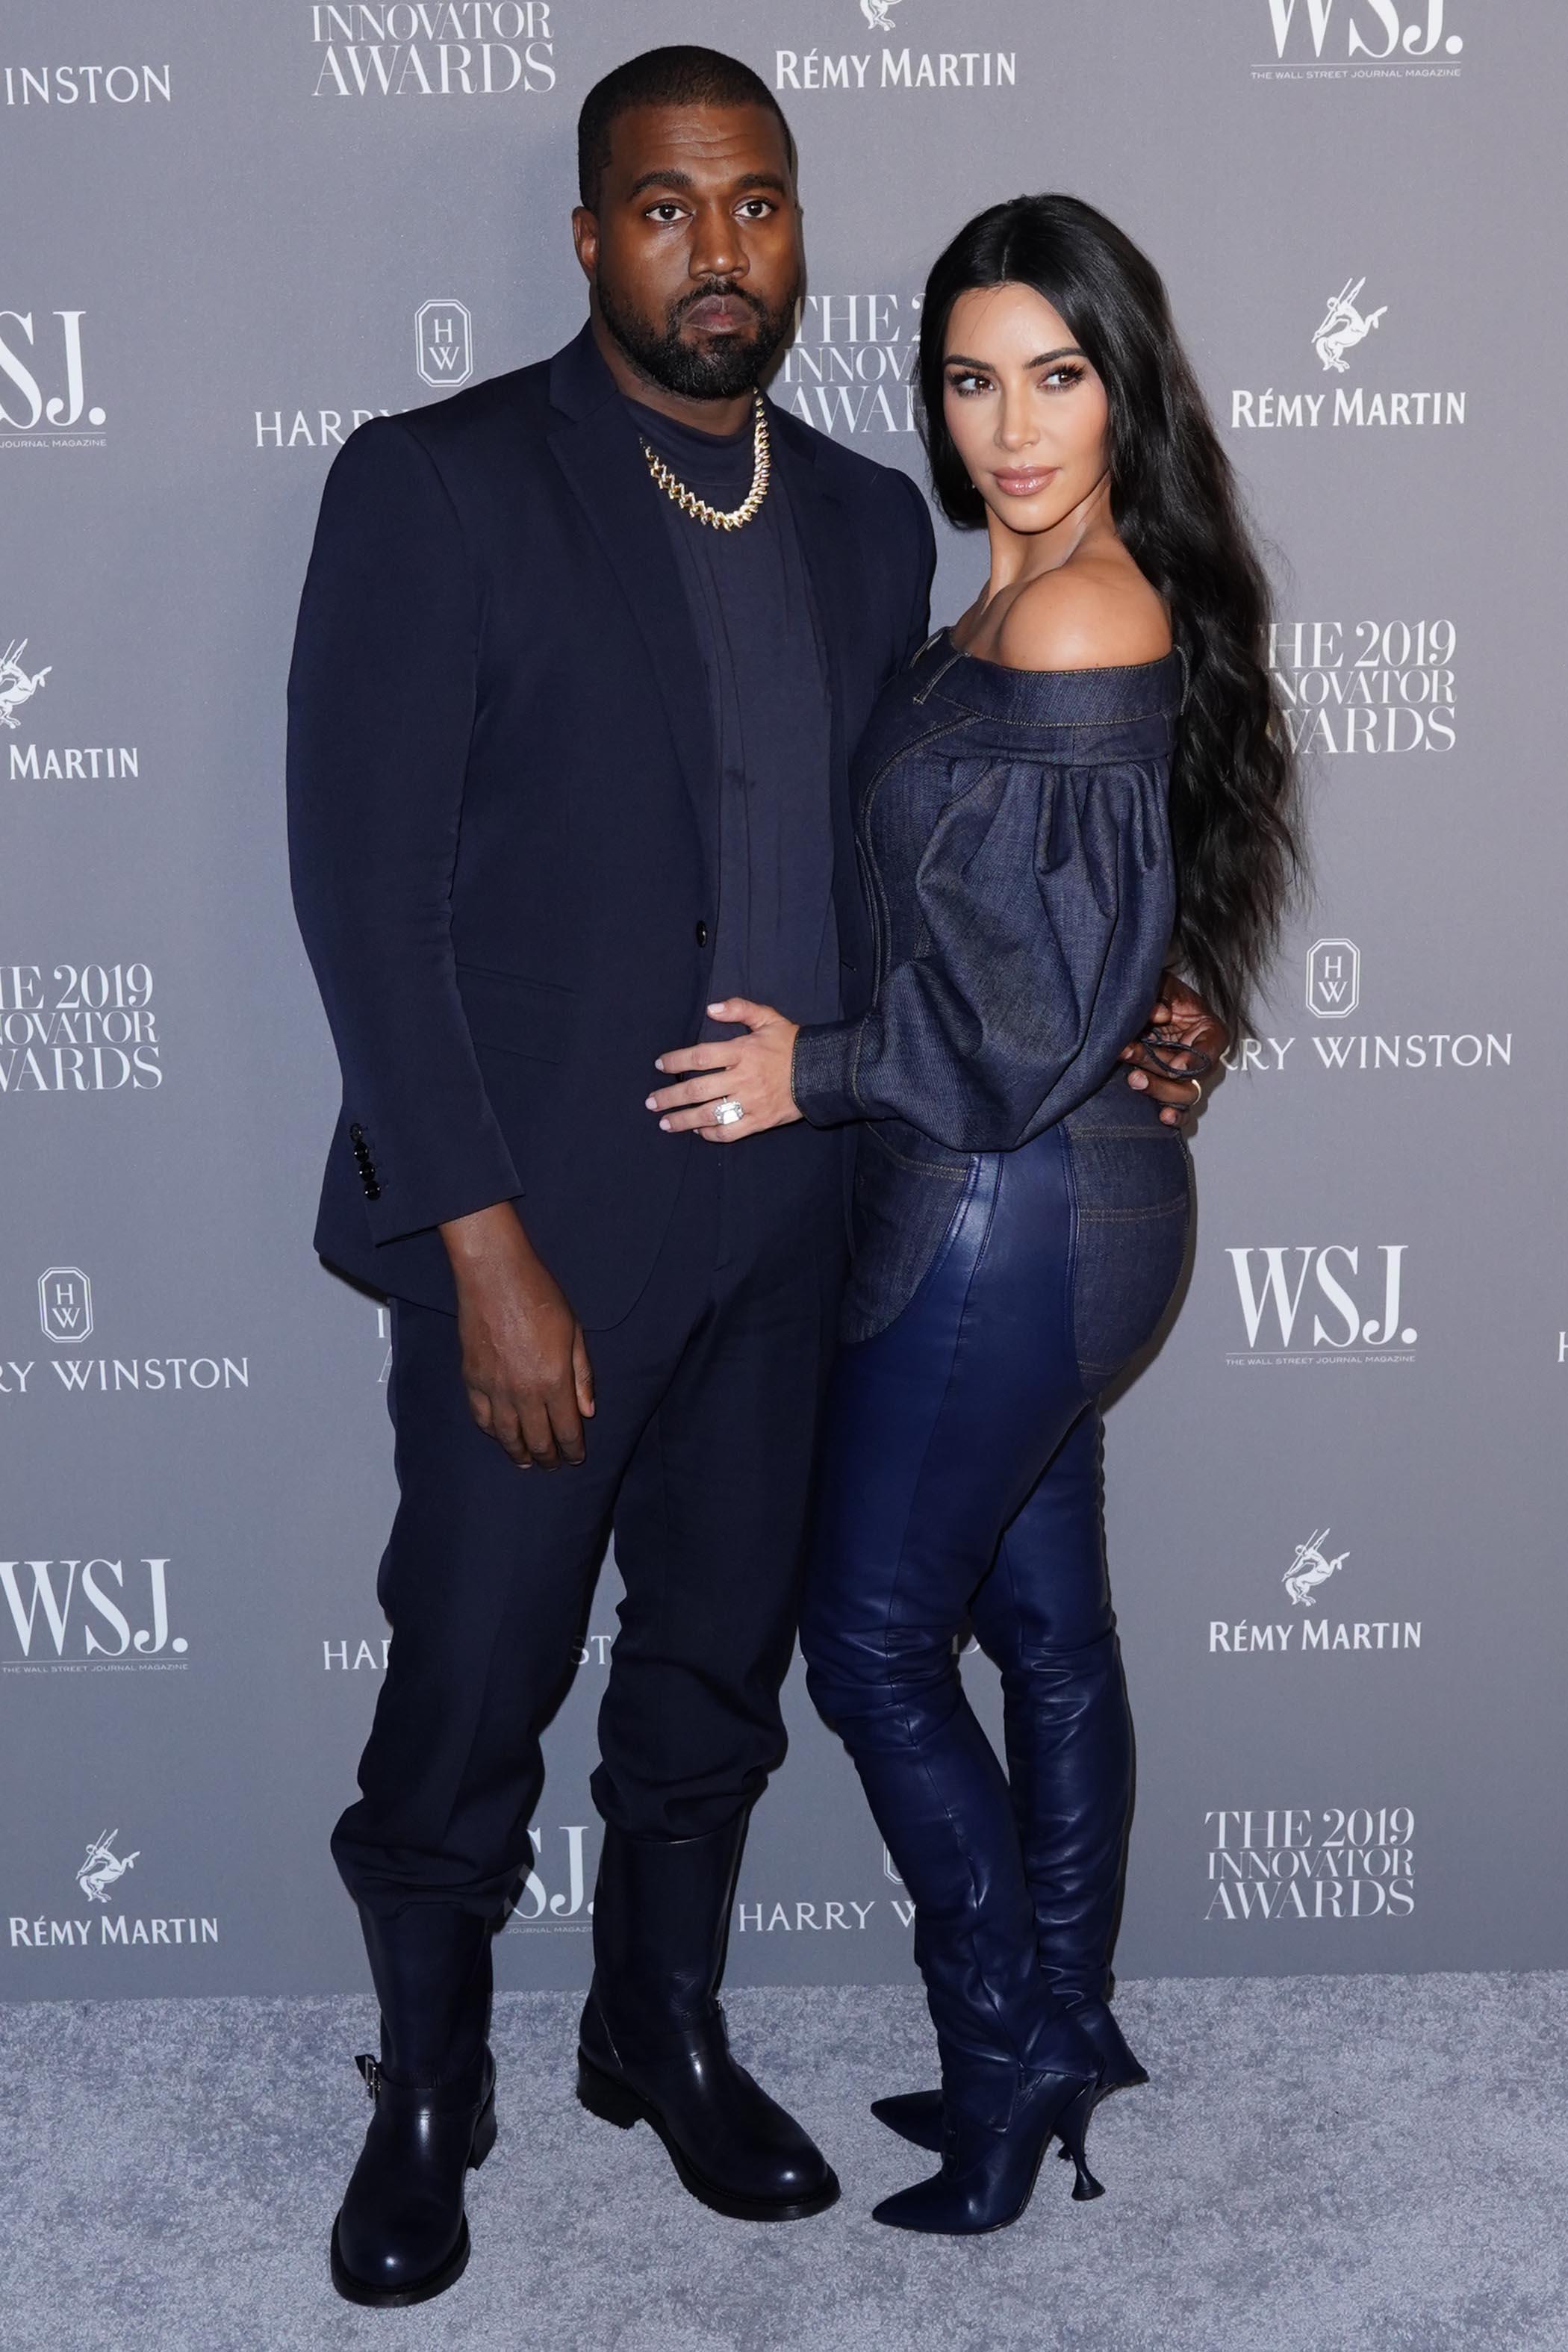 Kim Kardashian Posts Rare Selfie With Kanye West on Instagram